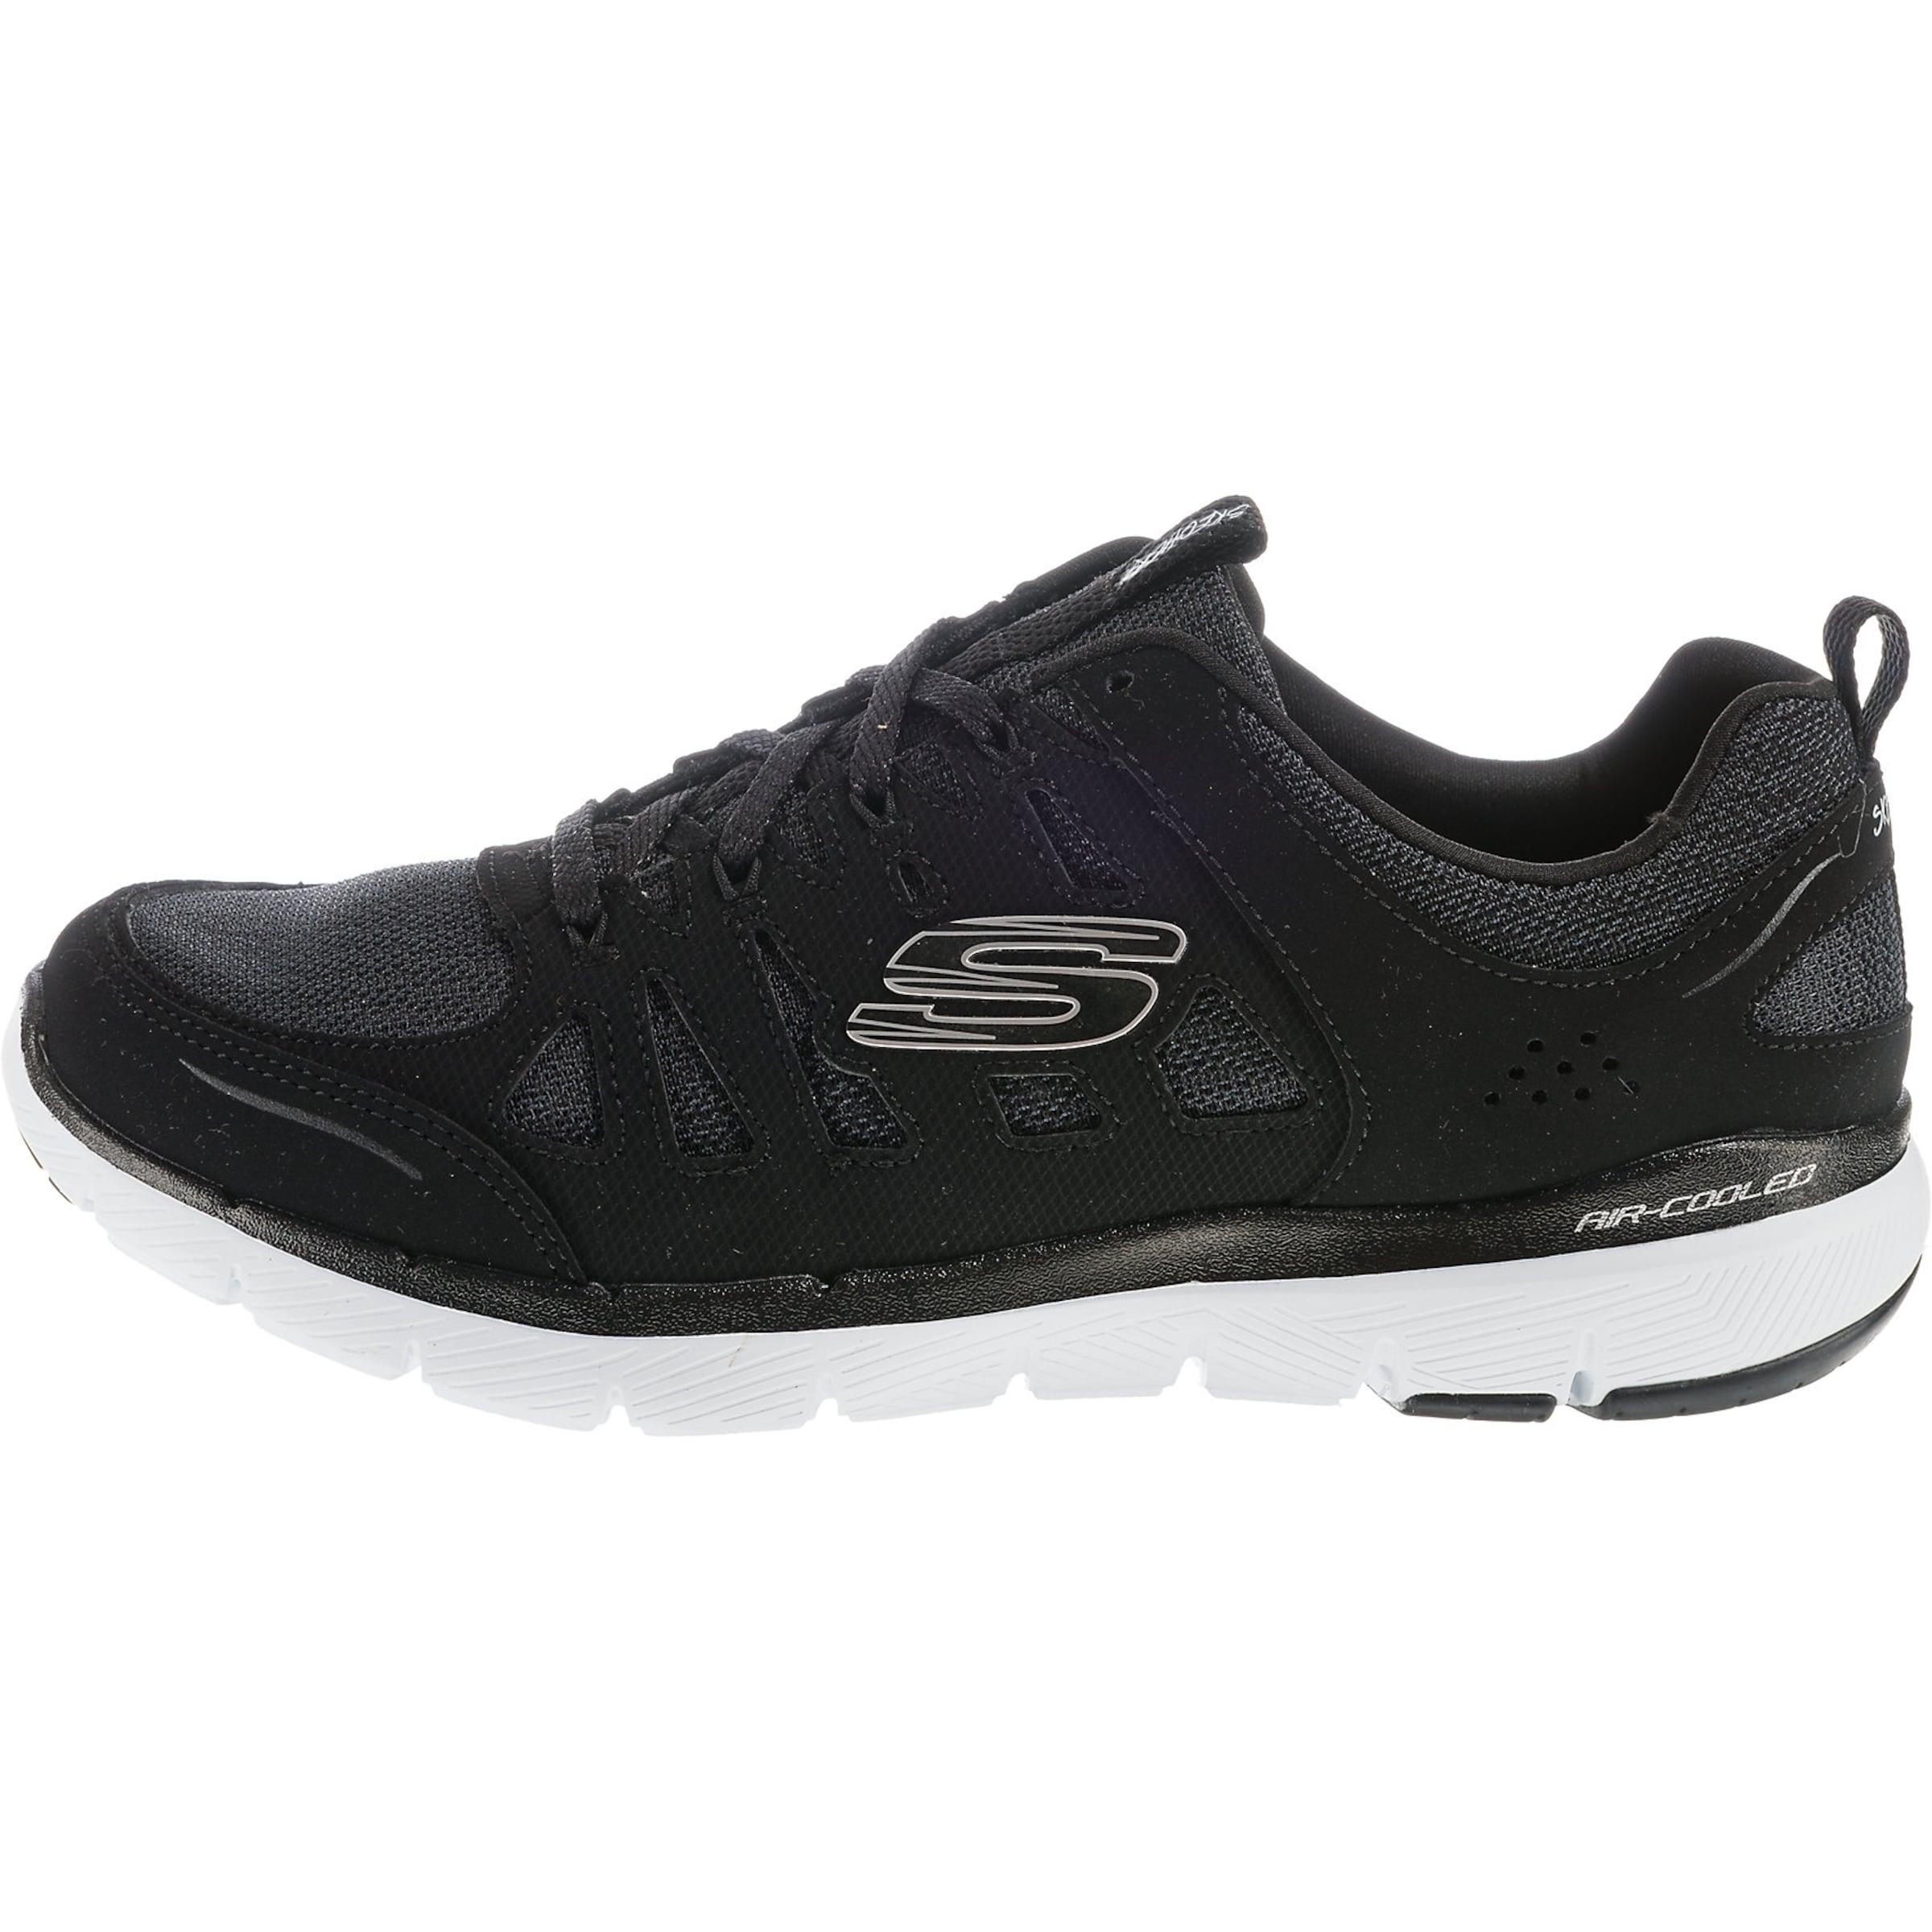 0' Skechers 3 Schwarz 'flex Sneakers Appeal In uZiPTOkX